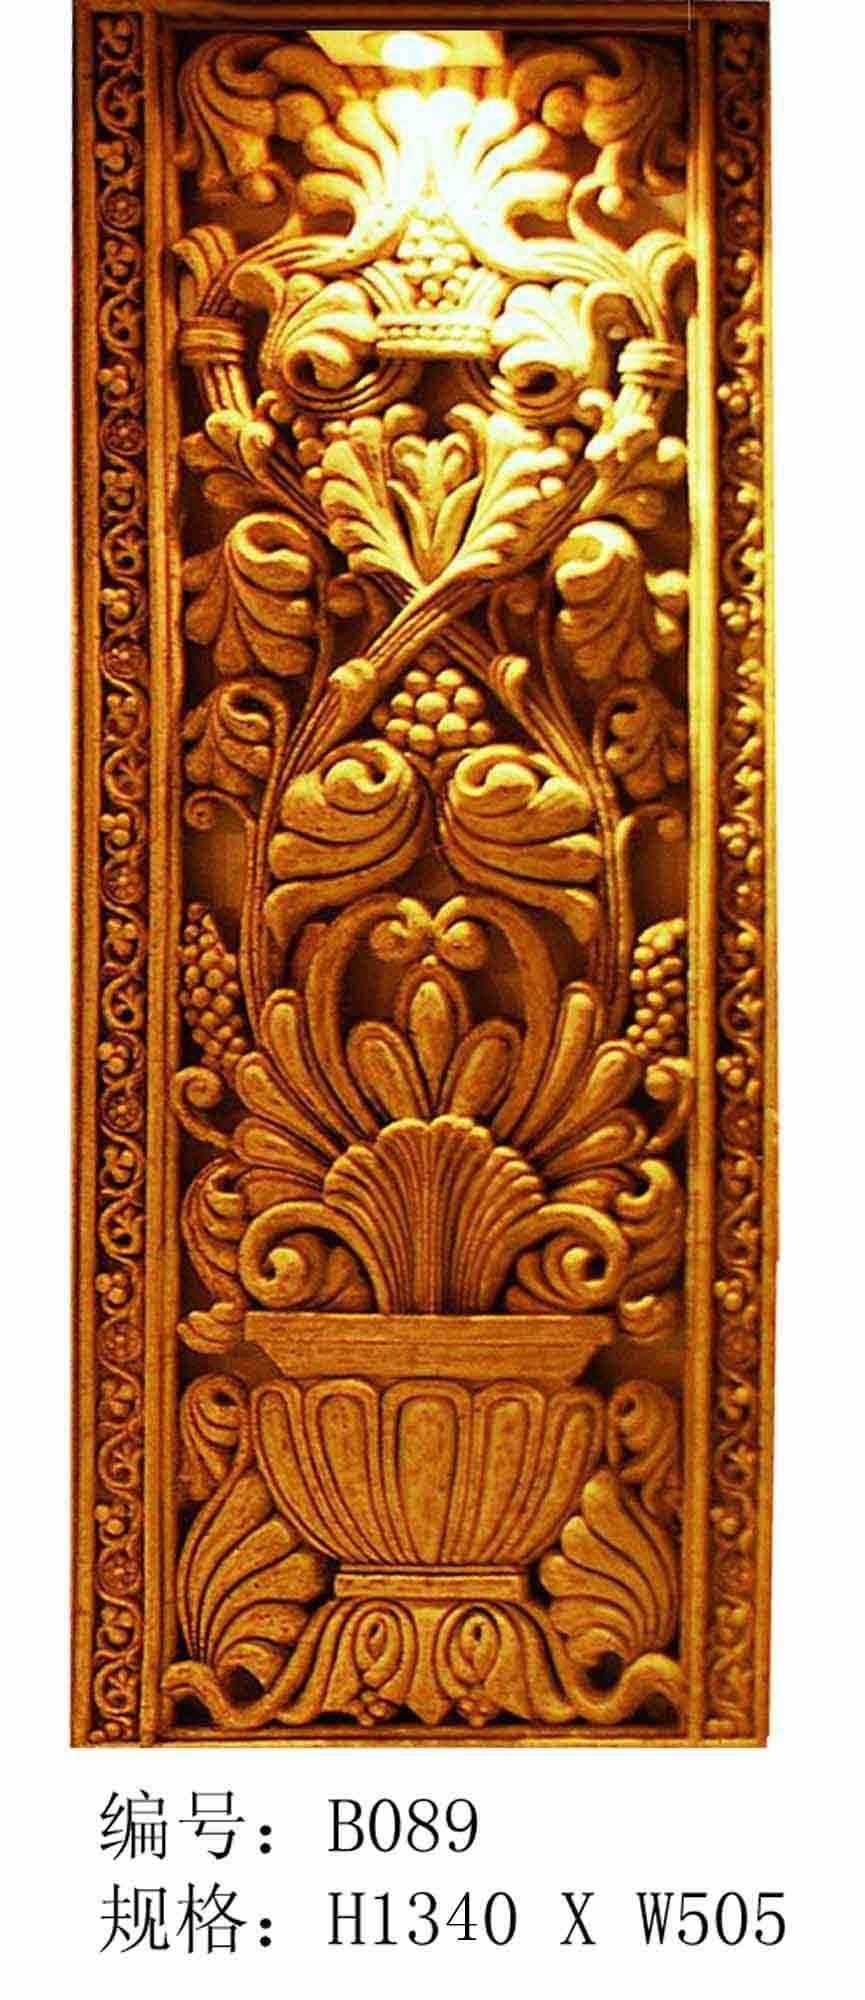 欧洲的羊图,狮子头,适合欧式建筑,装饰的装饰墙面,挂饰或装饰构件之用图片